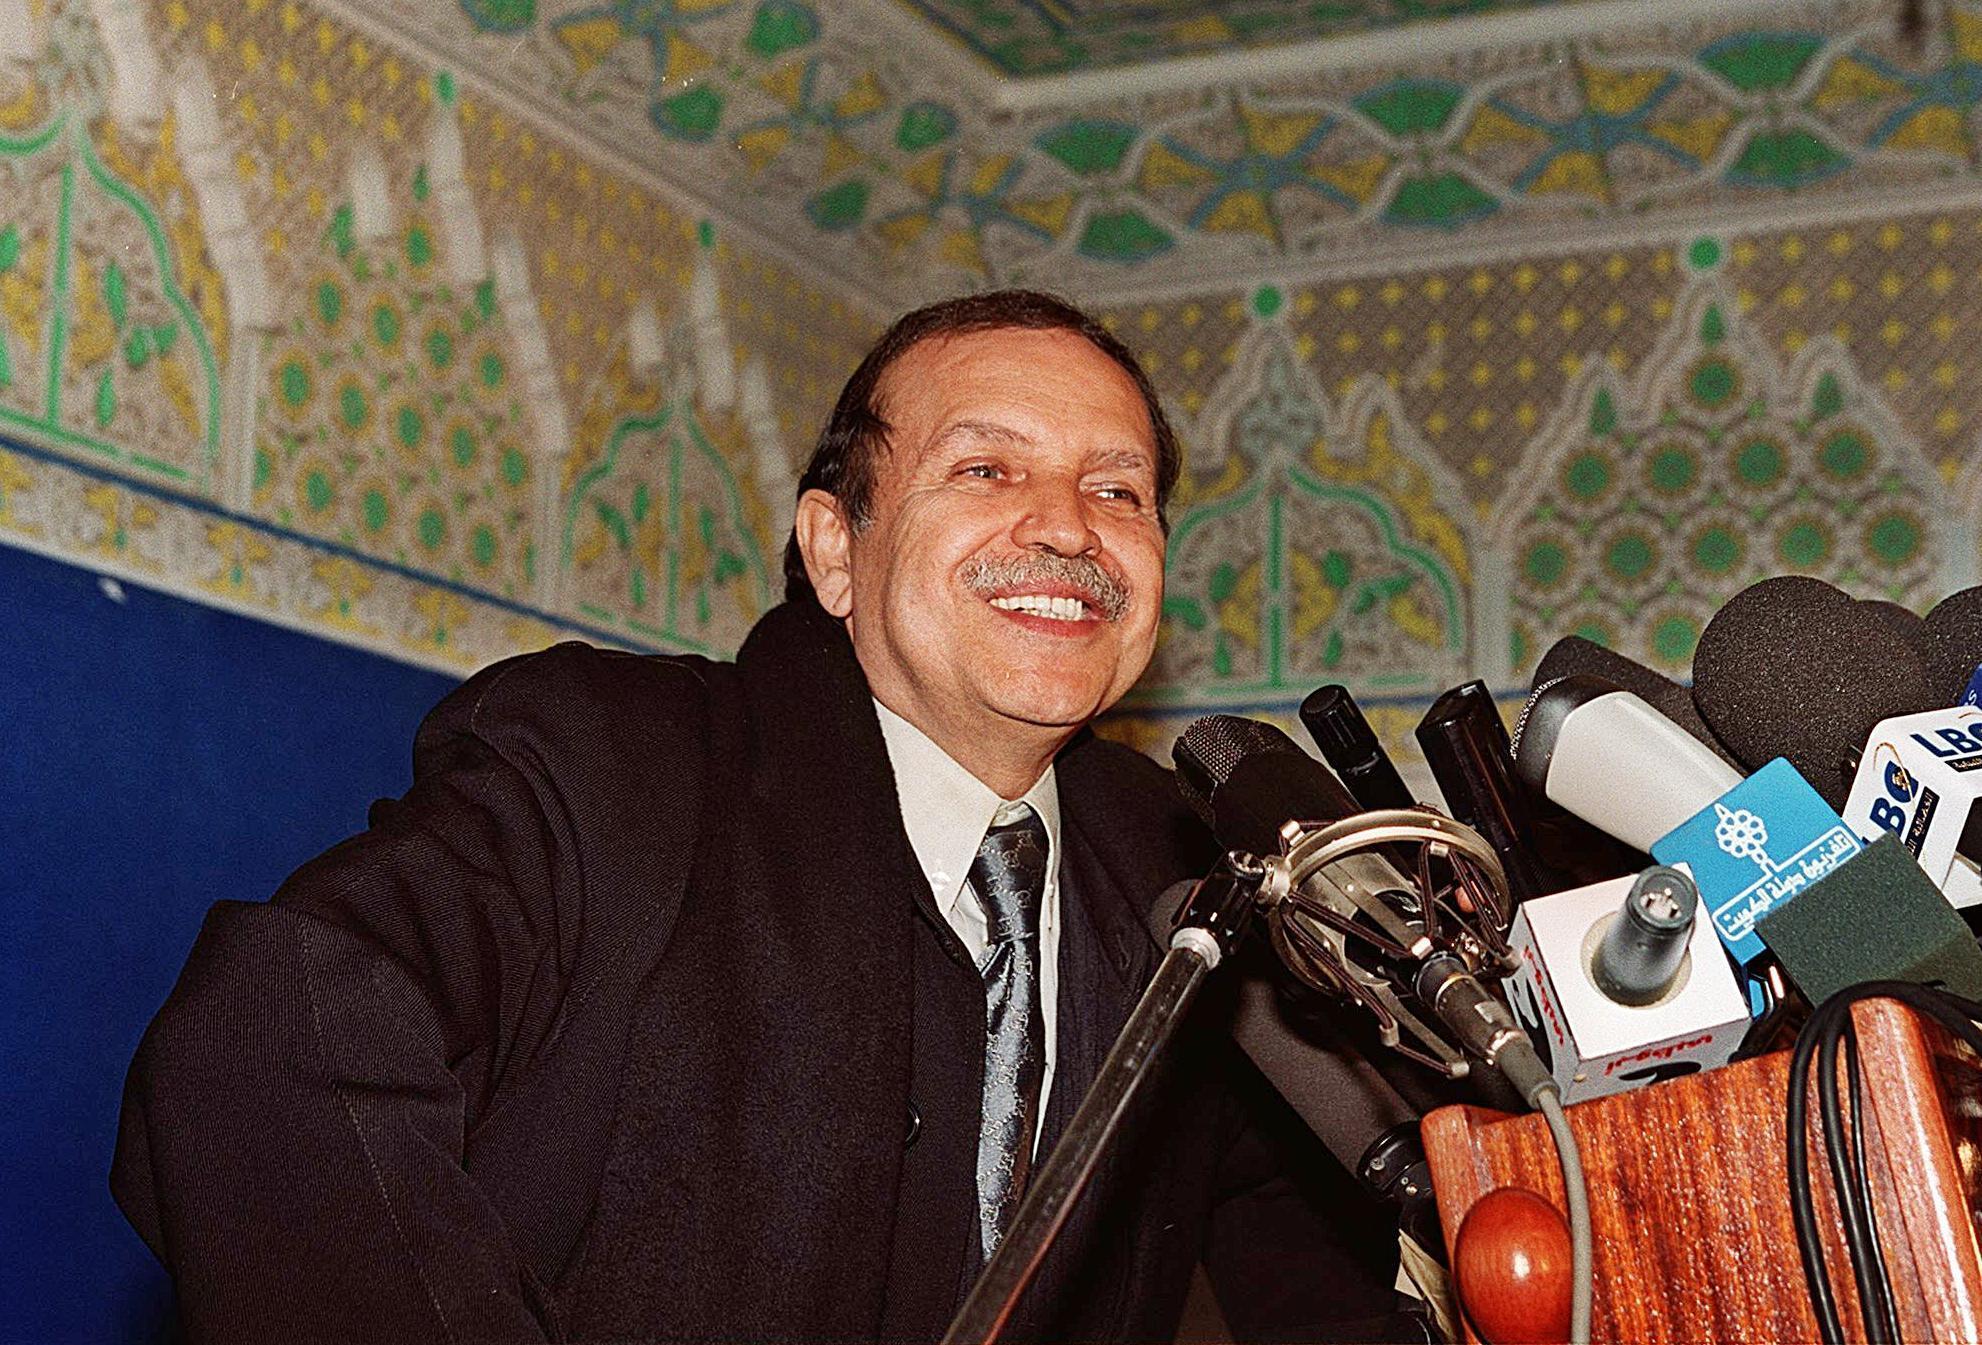 الرئيس الجزائري السابق عبد العزيز بوتفليقة لدى توليه السلطة في 16 نيسان/أبريل 1999